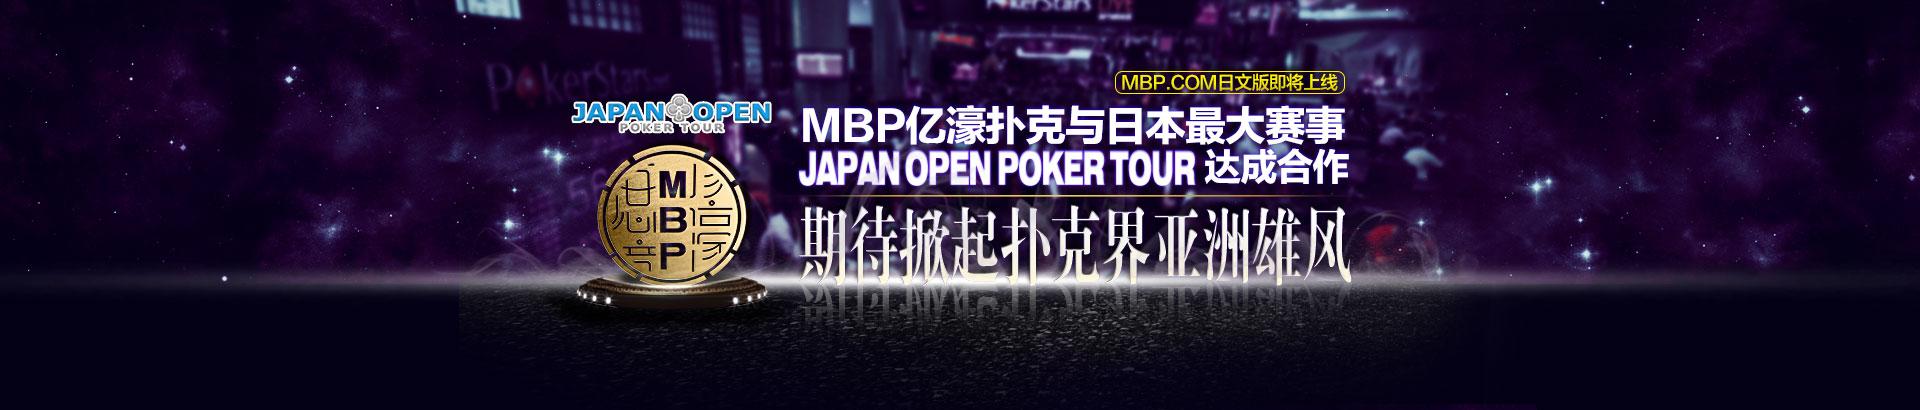 体育无国界:MBP与Japan Open Poker Tour达成合作关系